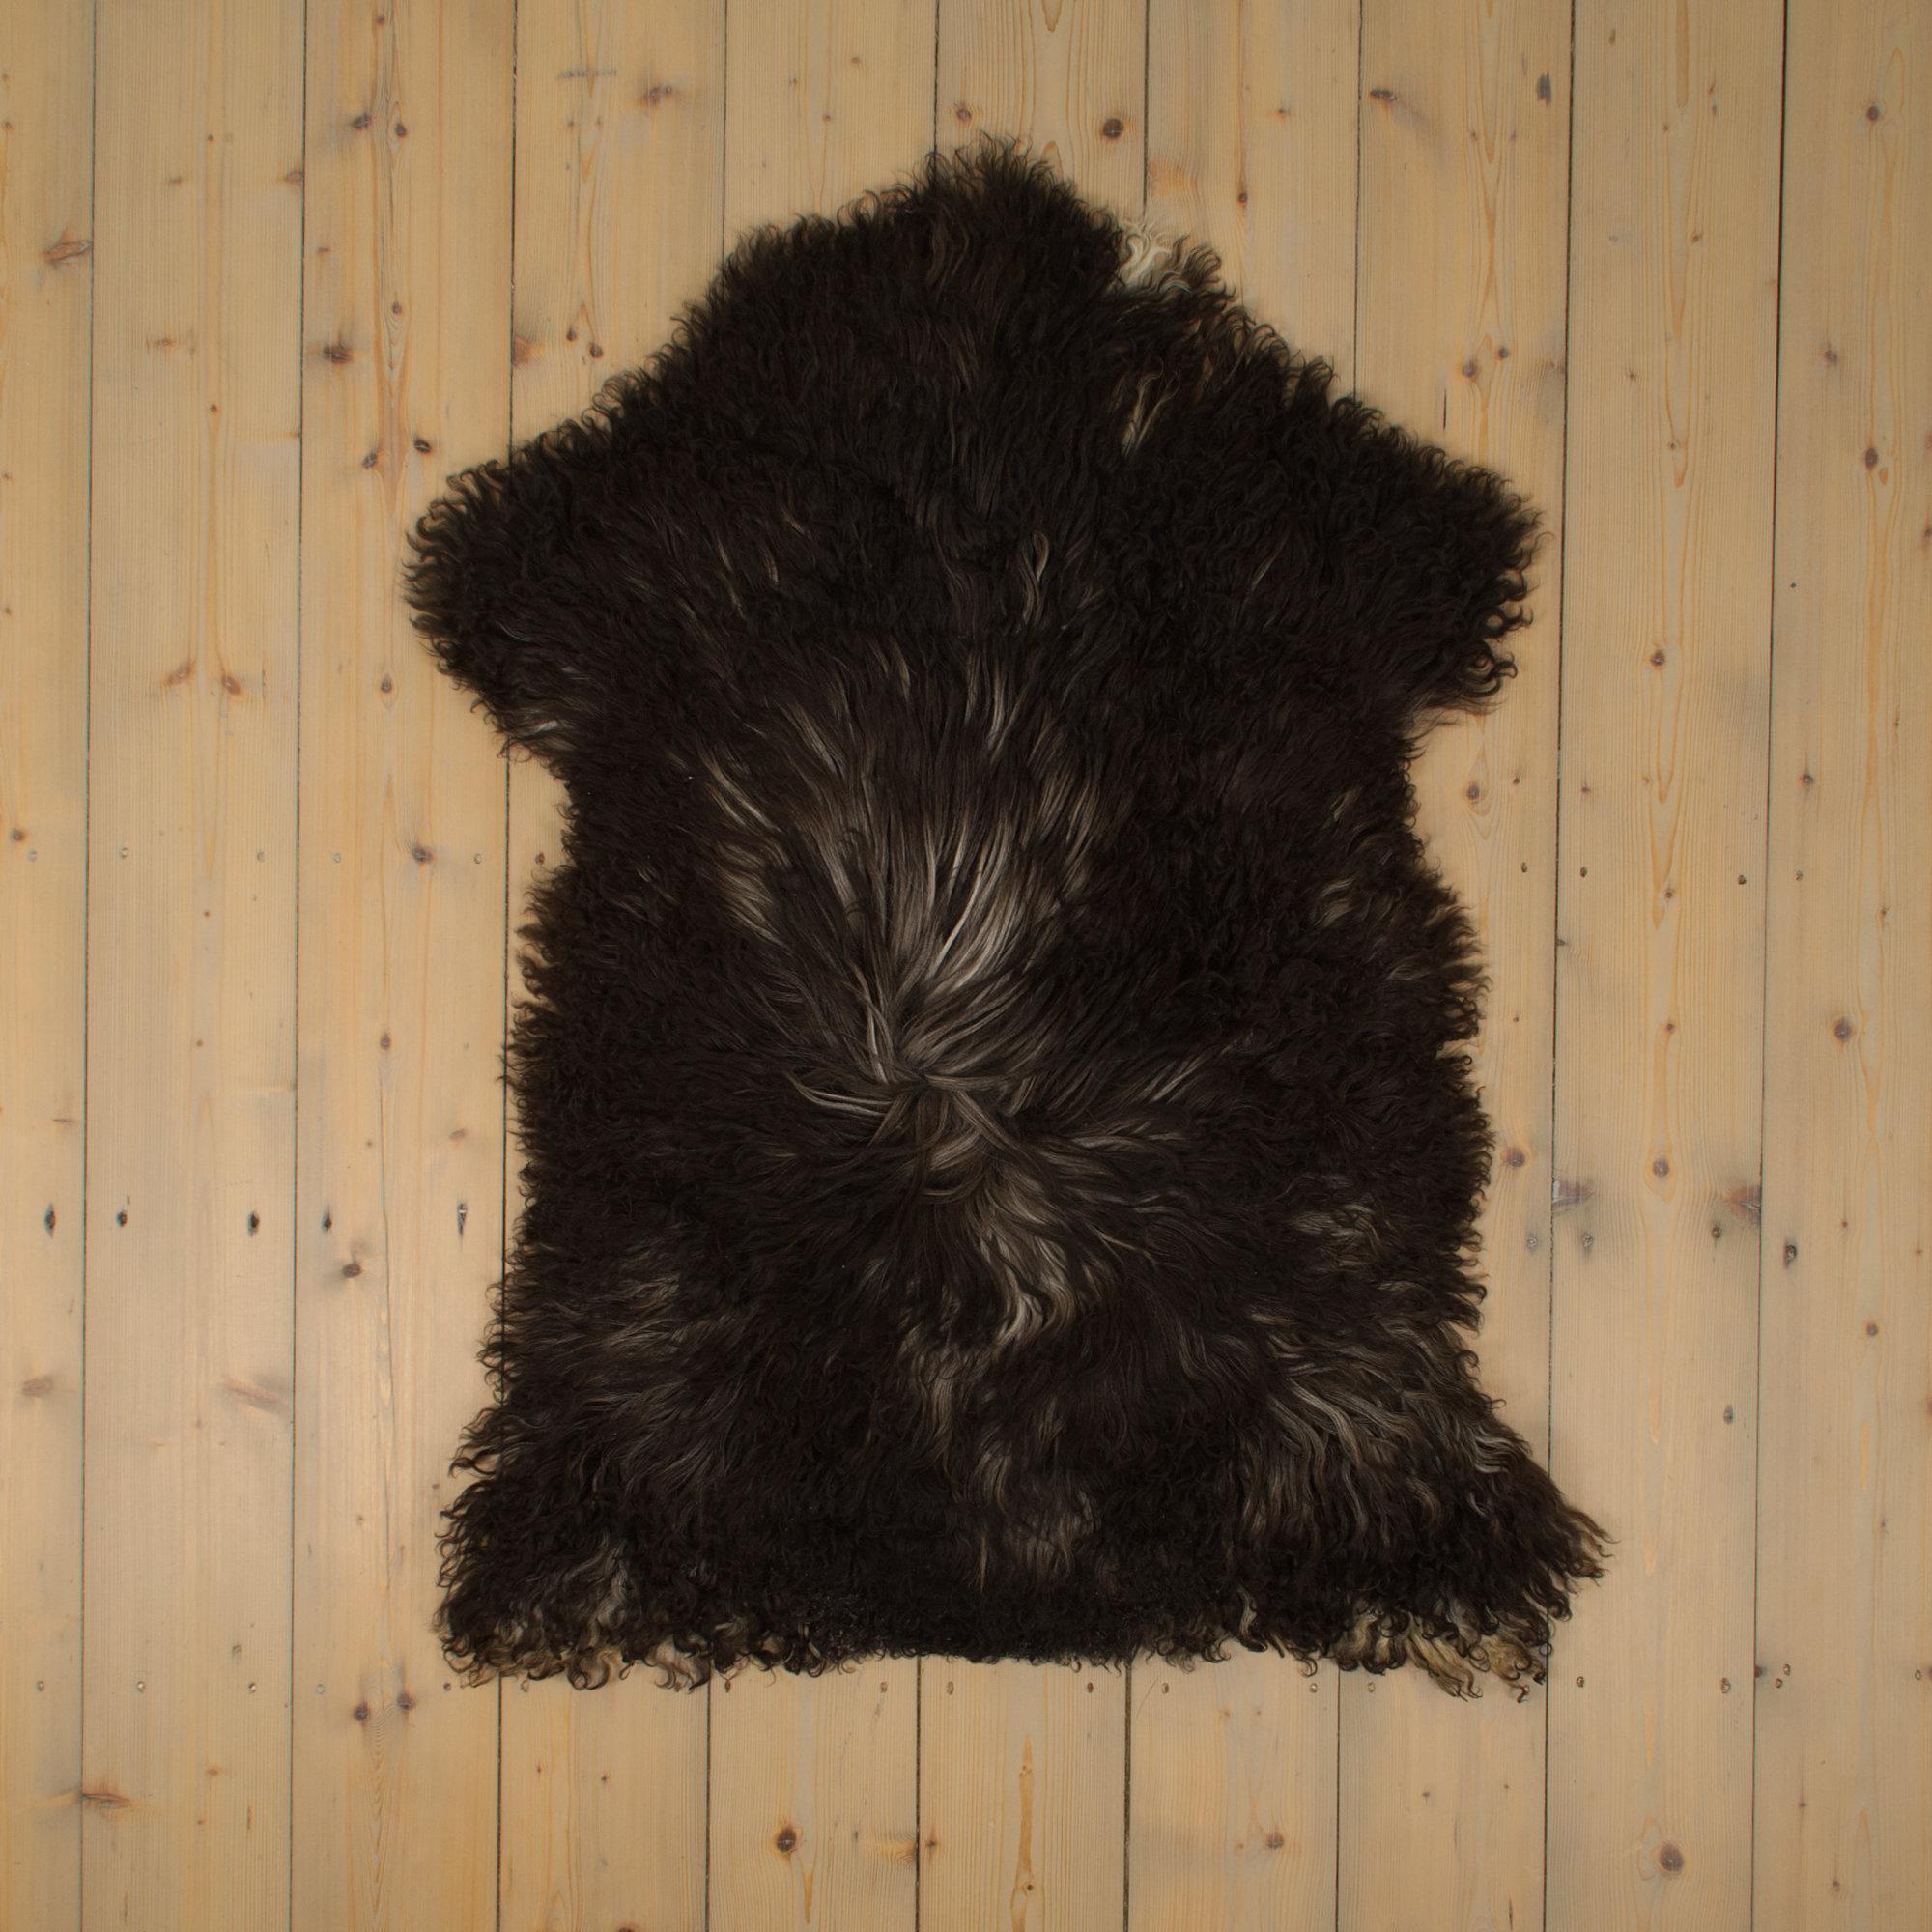 Van Buren Krul Schapenvacht - Donker - Uniek Gefotografeerd - ca. 110x70cm - US036